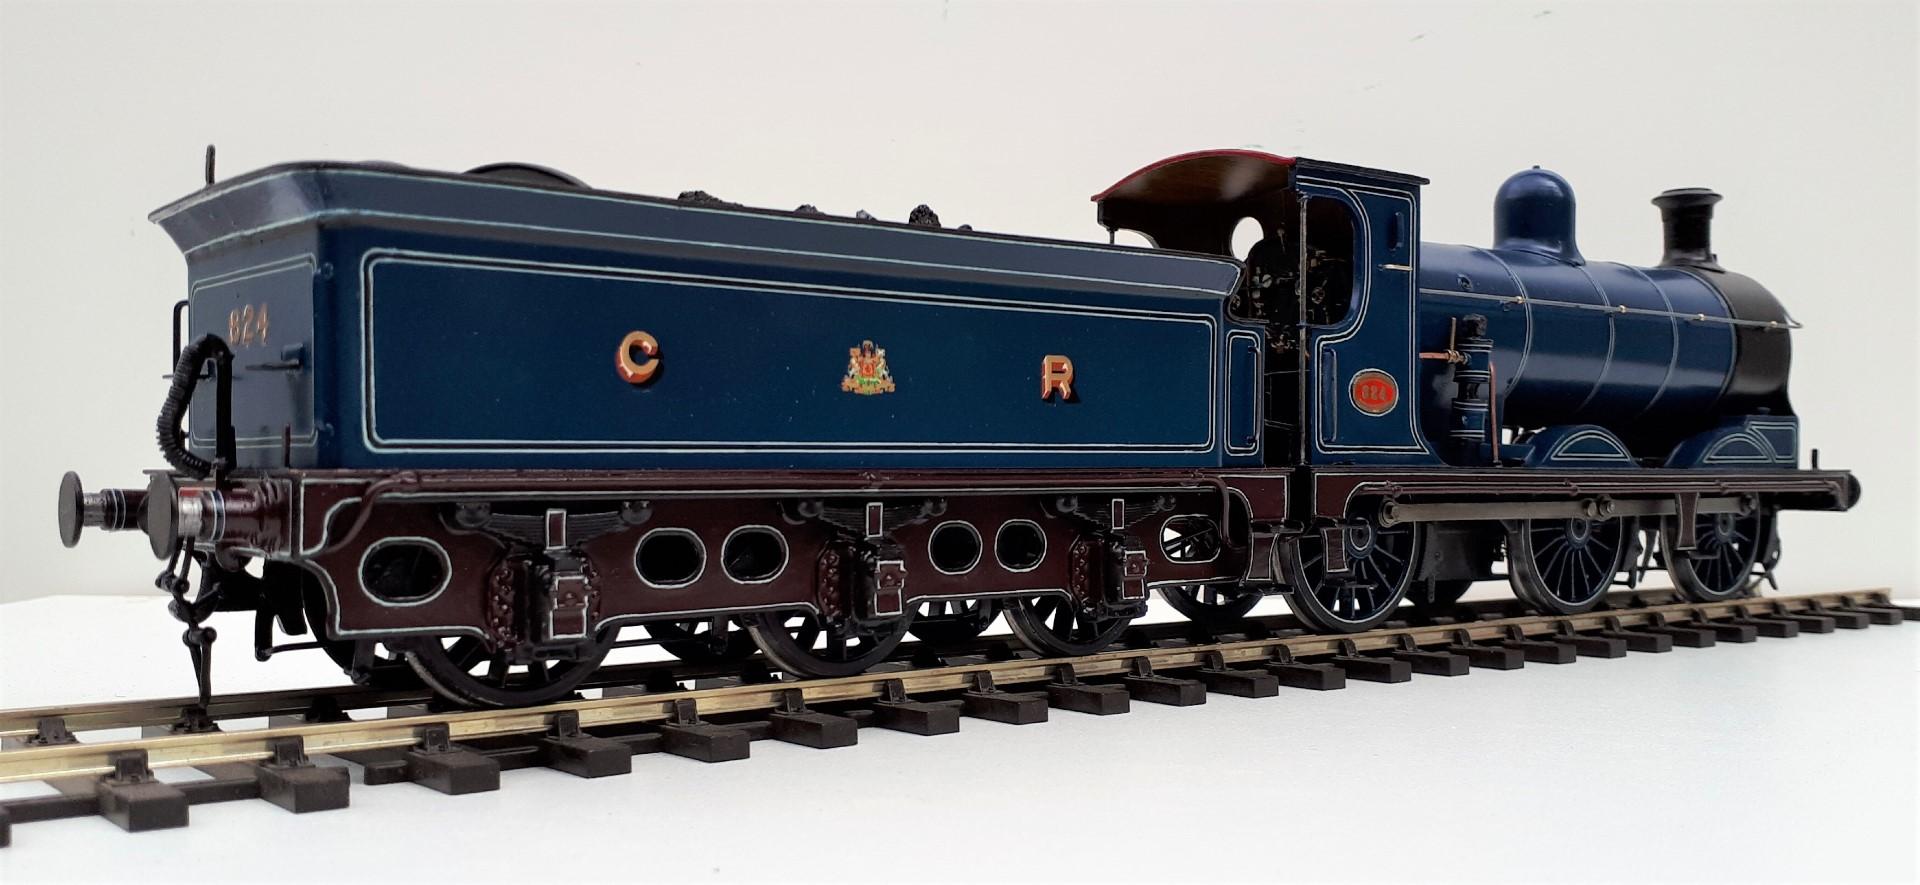 Caley no. 824